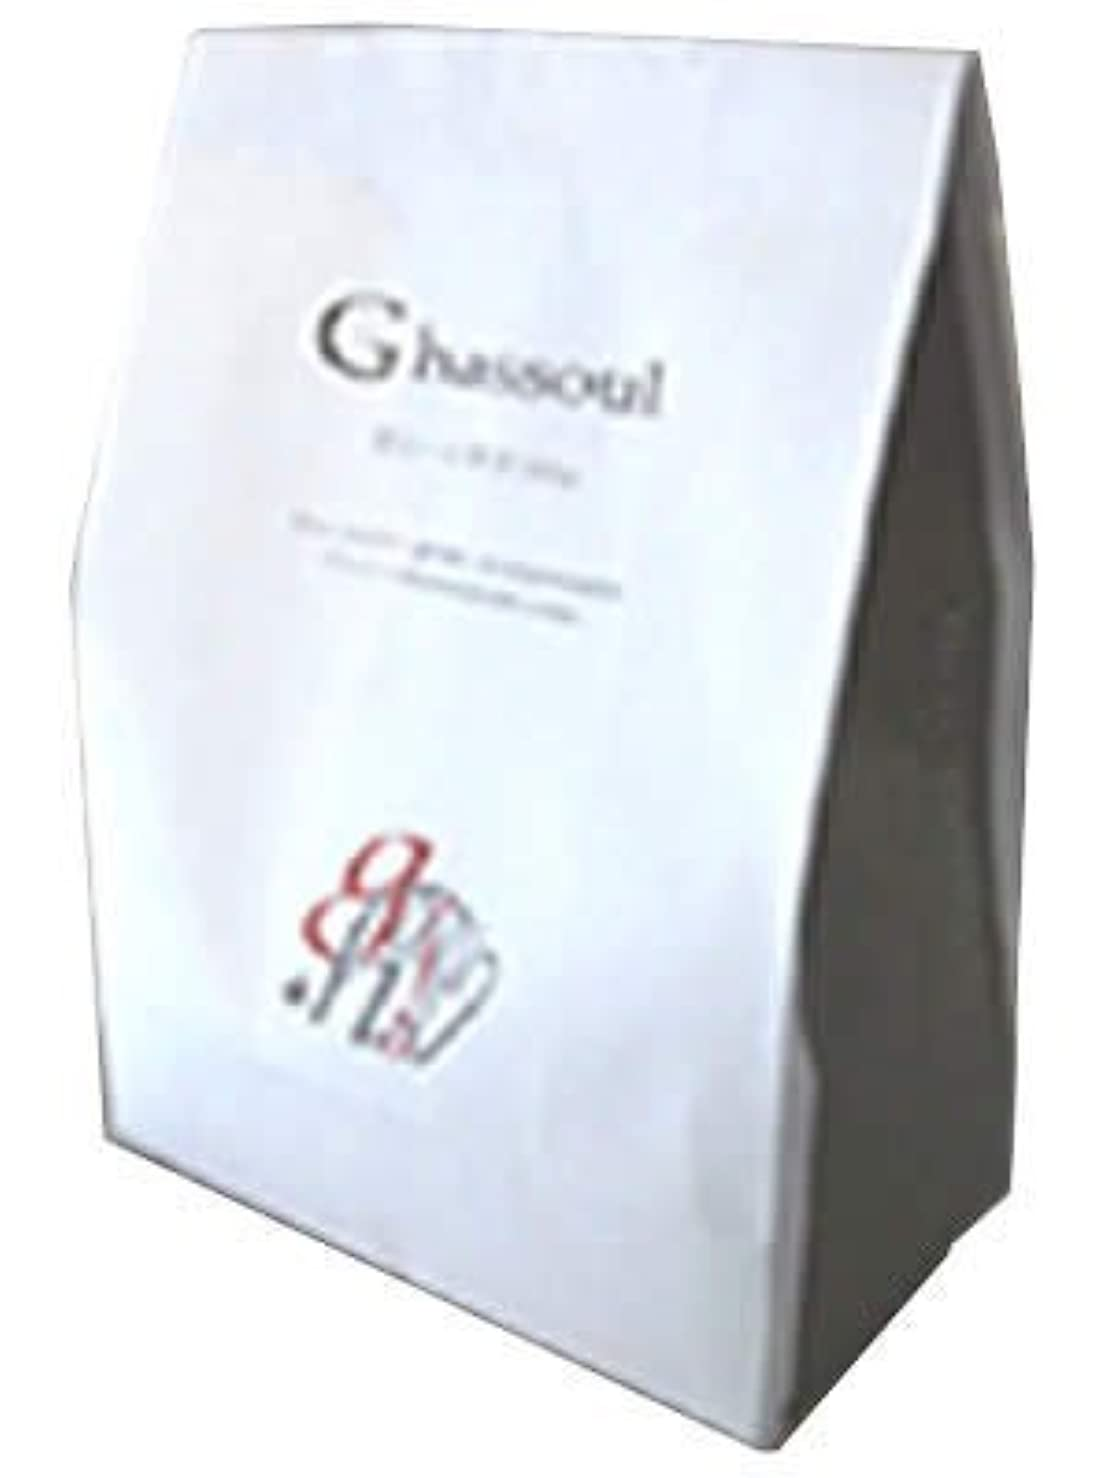 サーバ偏見従順ナイアード ガスール固形(タブレット)タイプ 500g